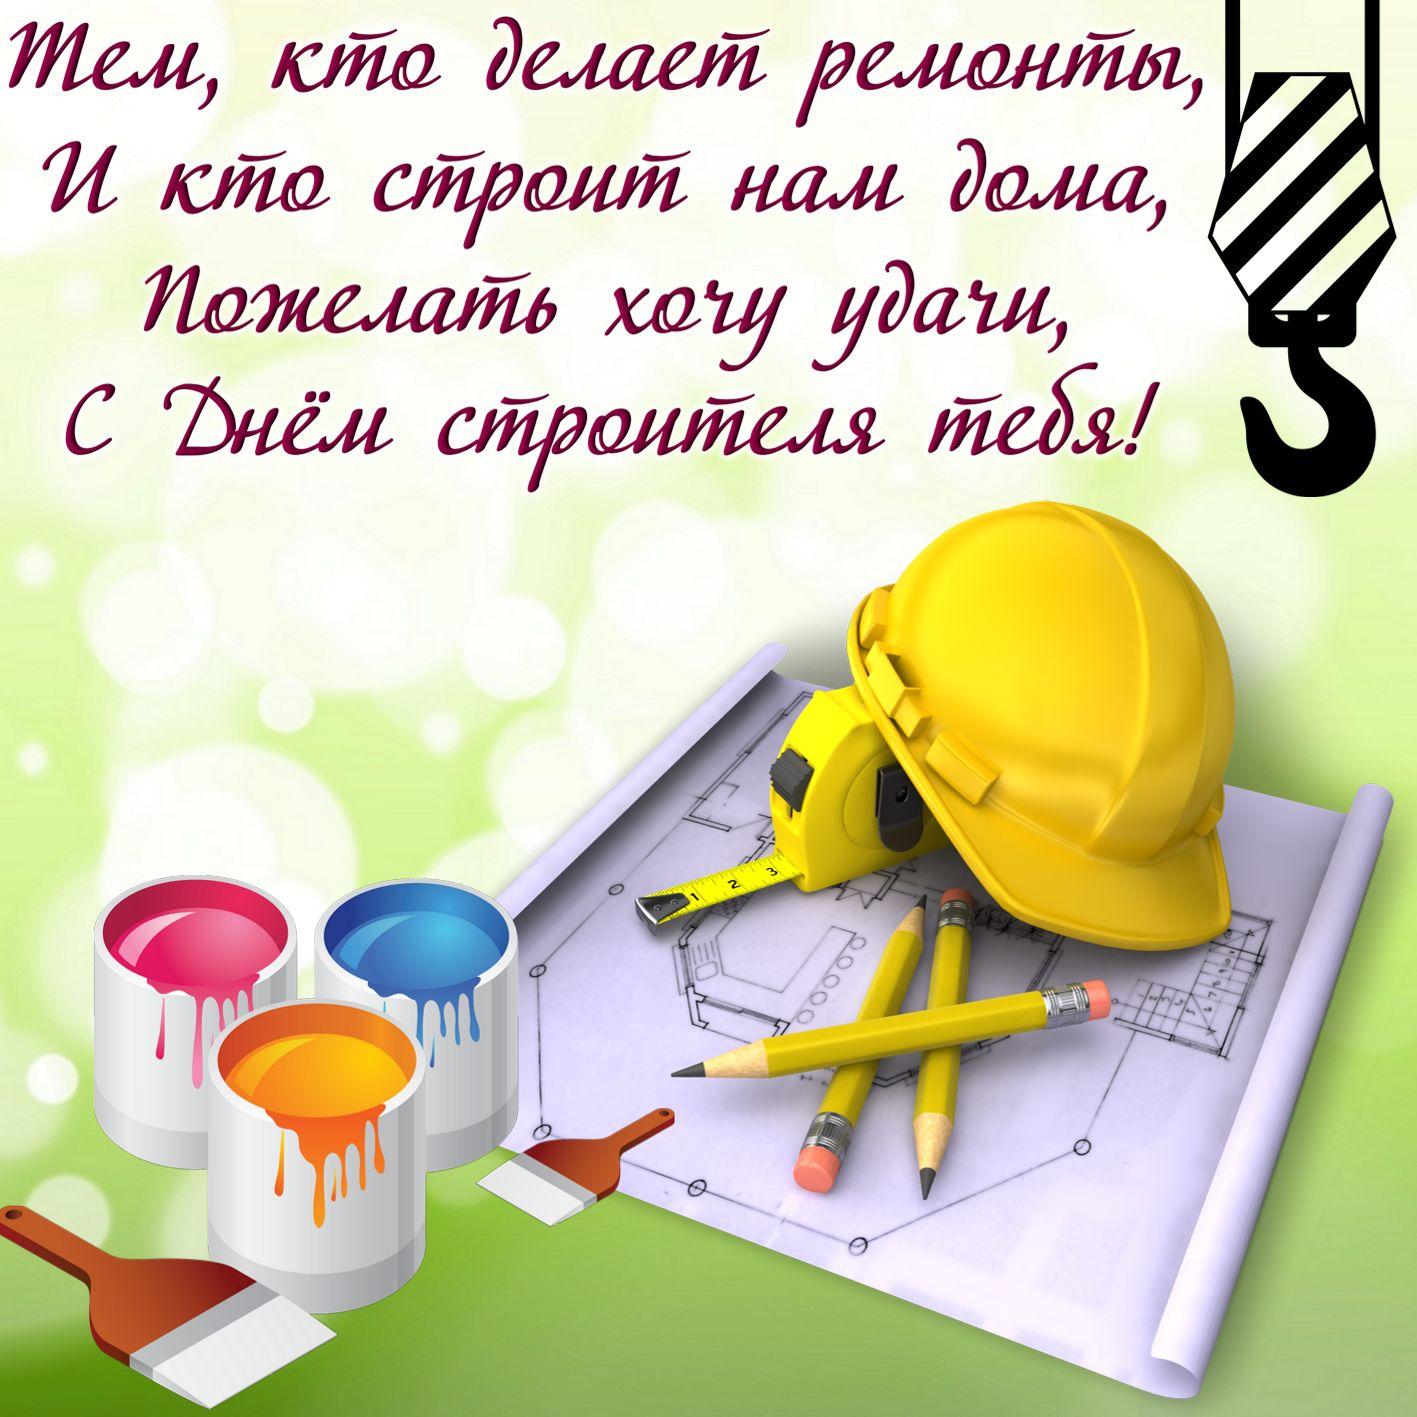 Поздравление с днем строителя от друзей